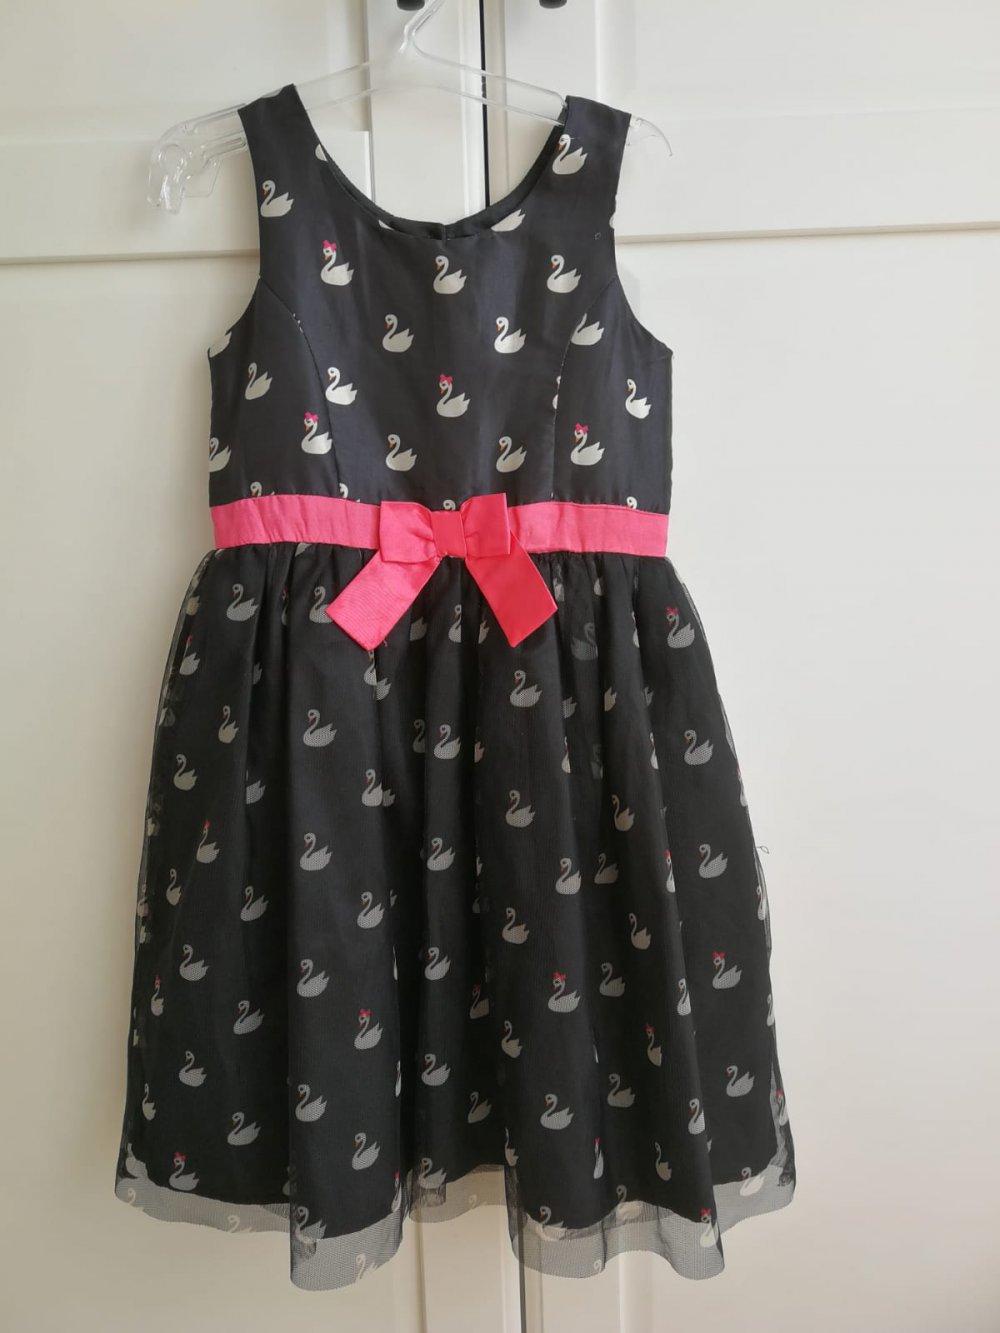 heißer Verkauf online bis zu 80% sparen angemessener Preis Festliches Kleid 'Schwan' in Gr. 128 von H&M